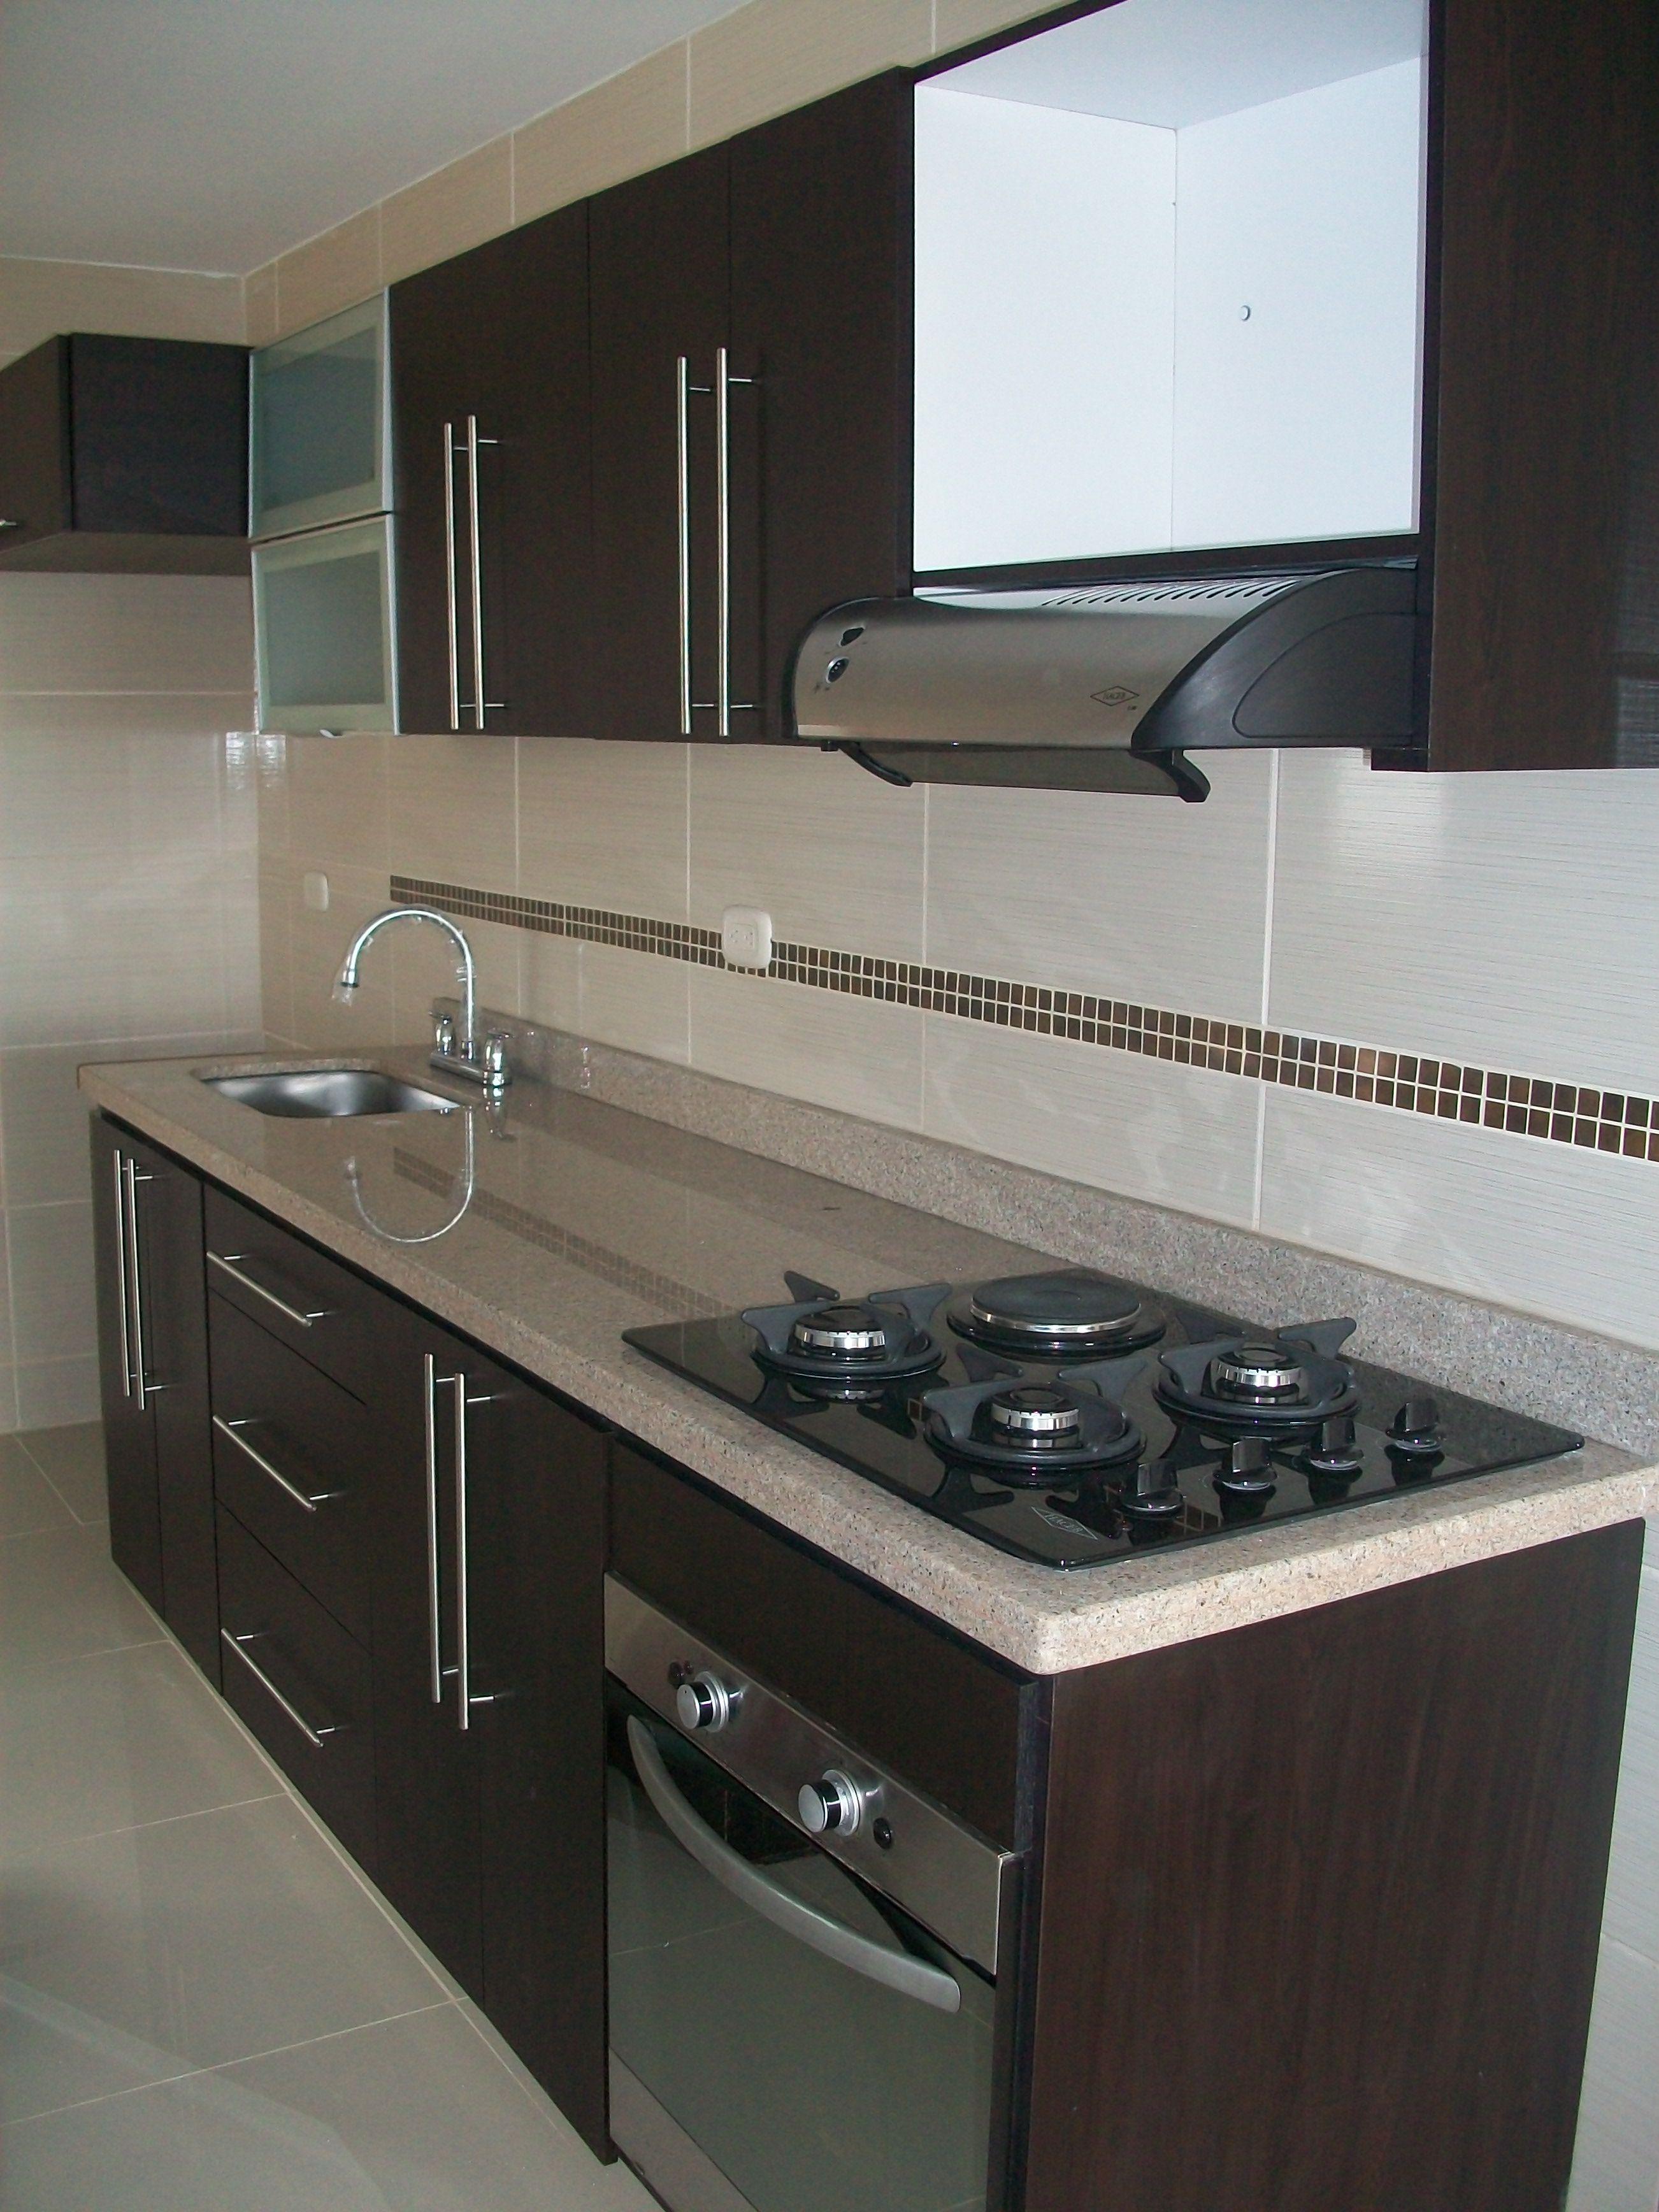 Fabricado por c g arte y decoraci n cocina integral con for Como hacer una cocina integral